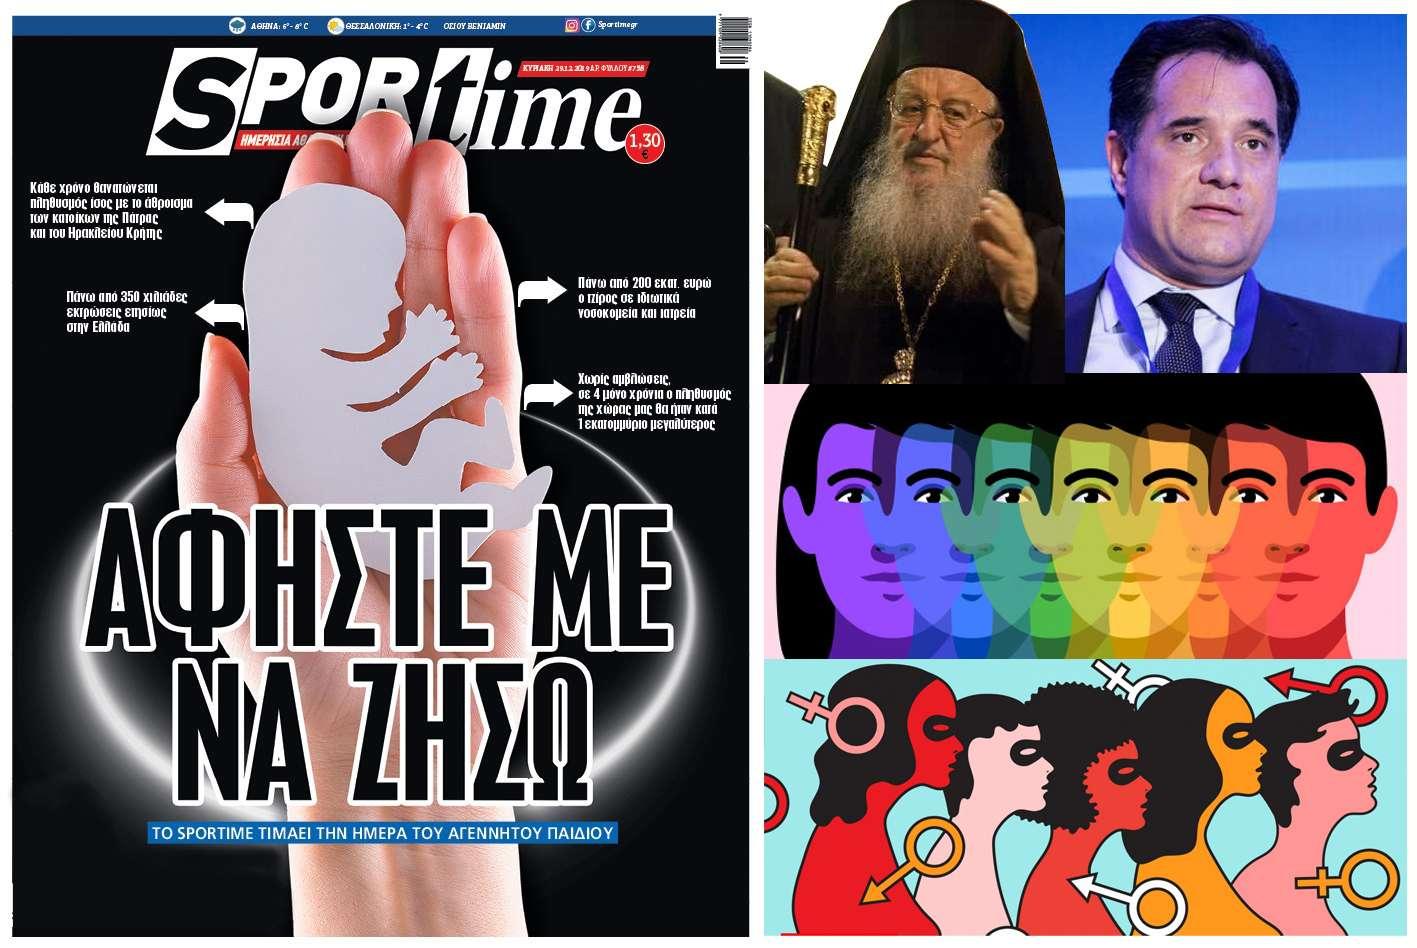 Sport Time Αναχρονιστικές και συντηρητικές αντιλήψεις